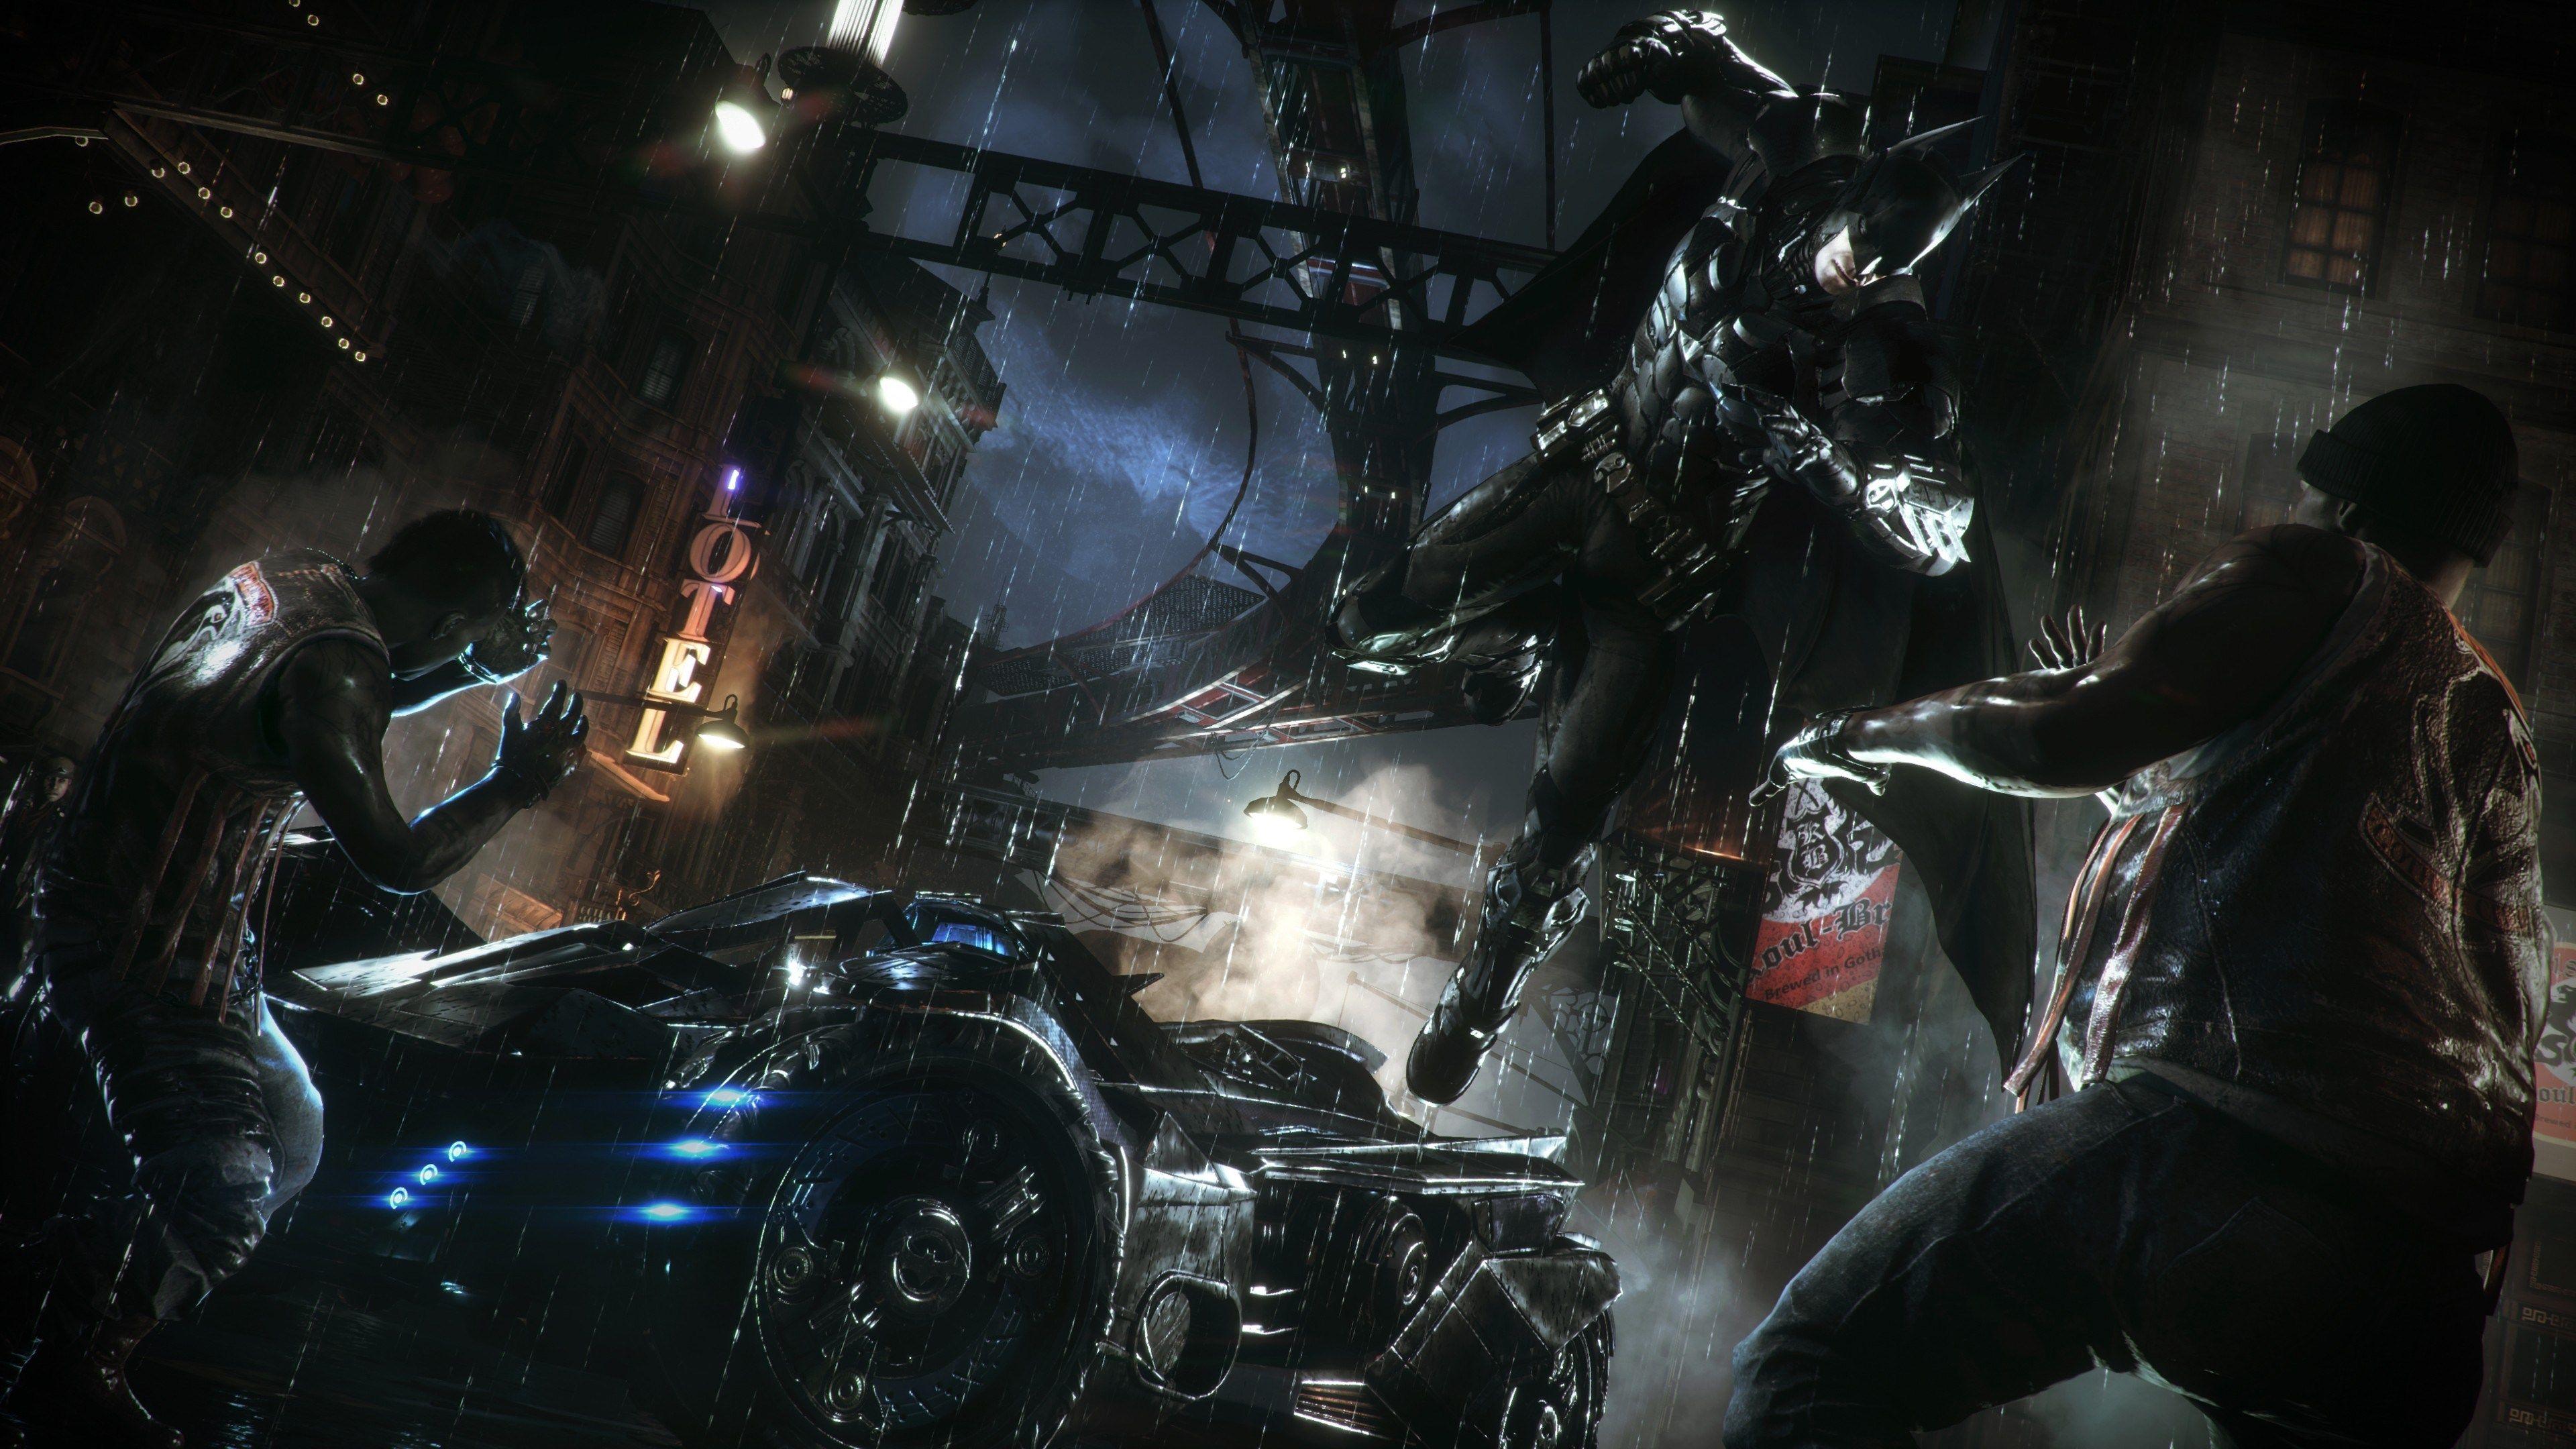 4k Batman Arkham Knight Hd Wallpaper 3840x2160 Betmen